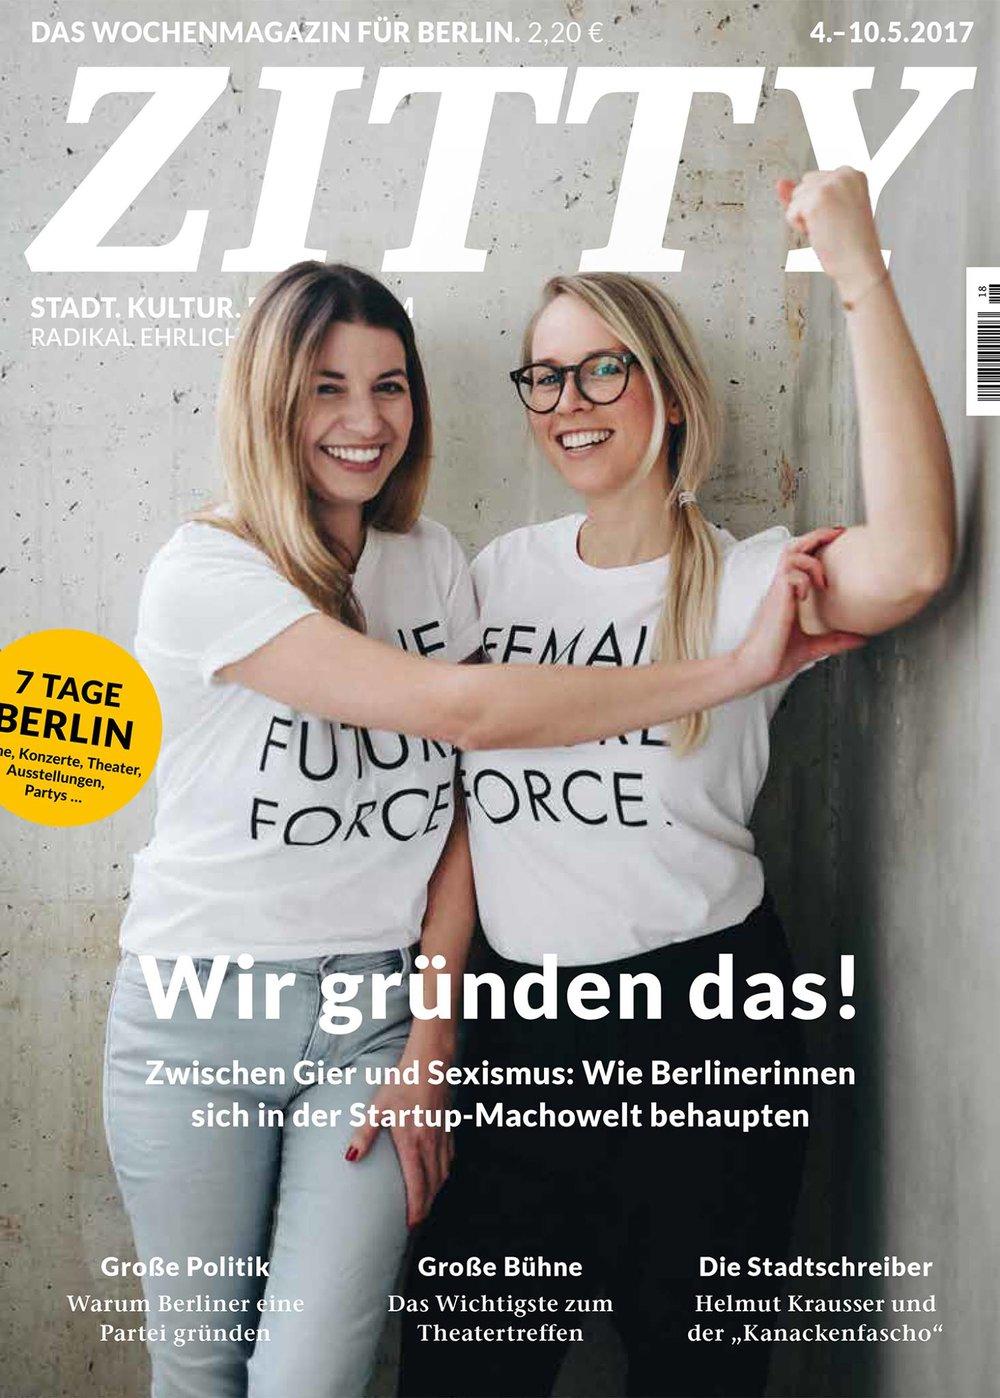 Cover Bild für die Zitty - Ich freu mich über den Erfolg der Female Future Force!